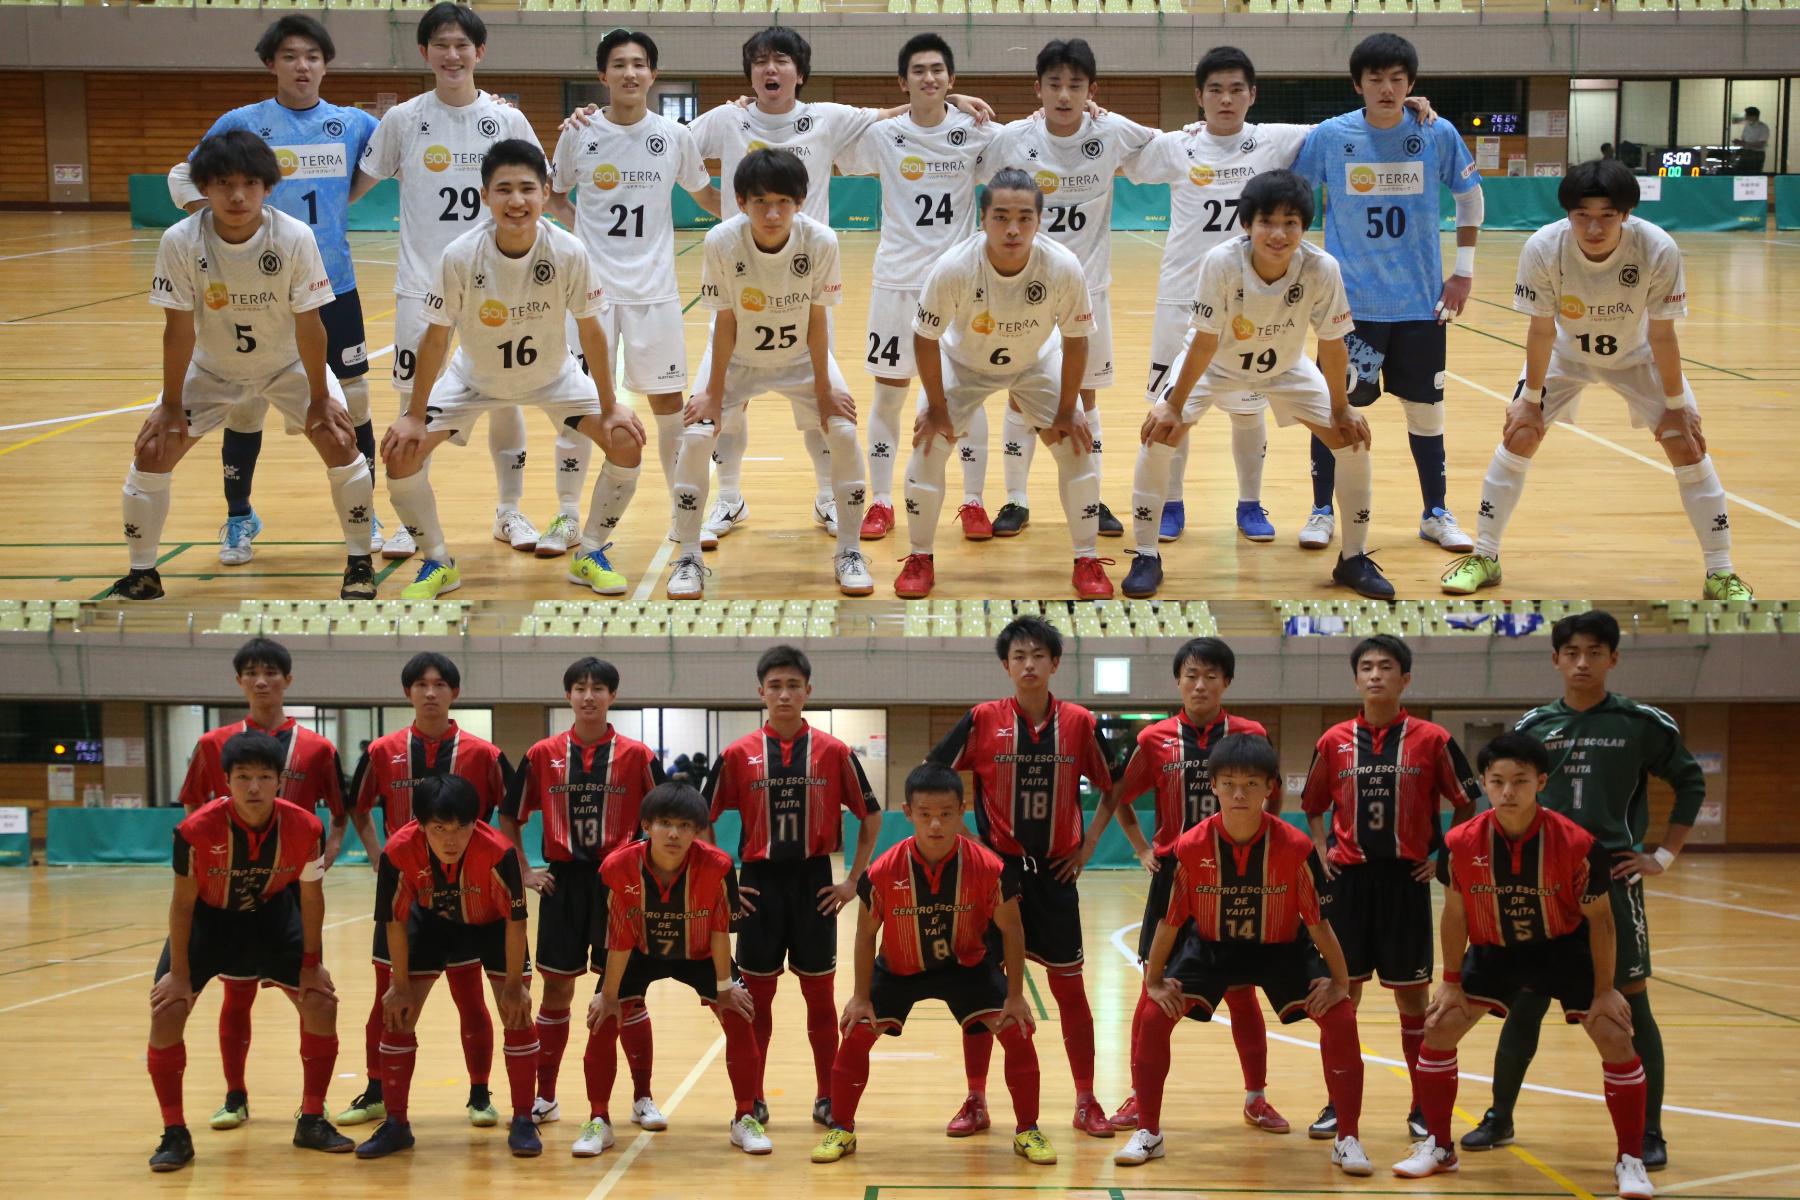 リガーレ東京U-18(写真)と矢板中央高校がフットサルで対決【写真:Futsal X ・河合 拓】